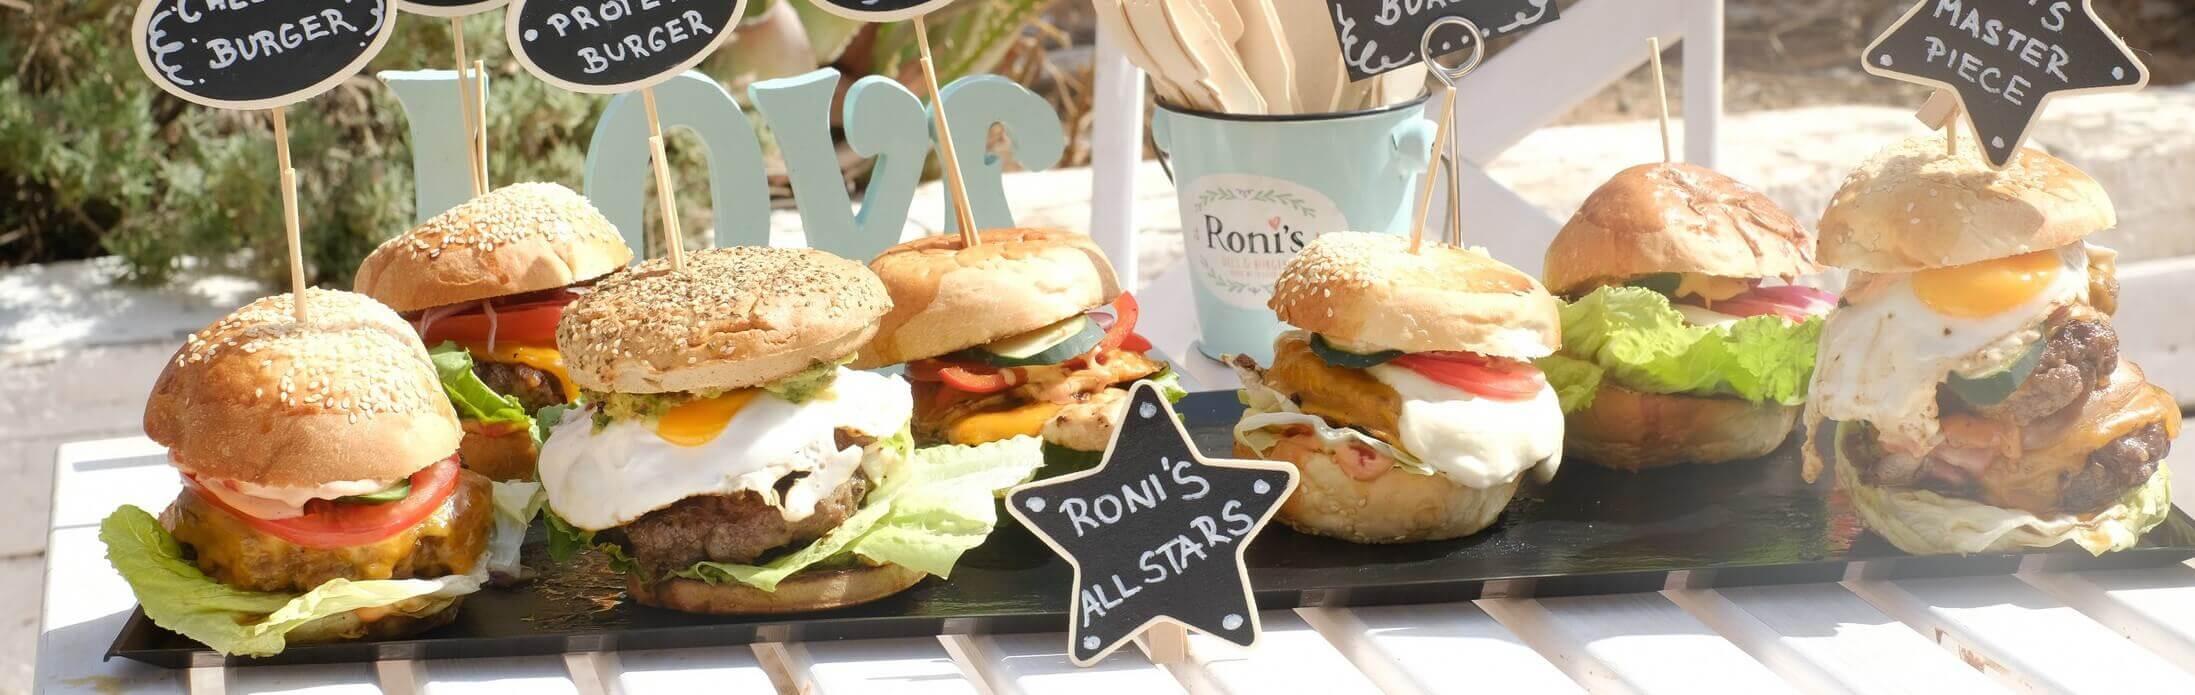 ronis-burger-allstars-playa-den-bossa-restaurant